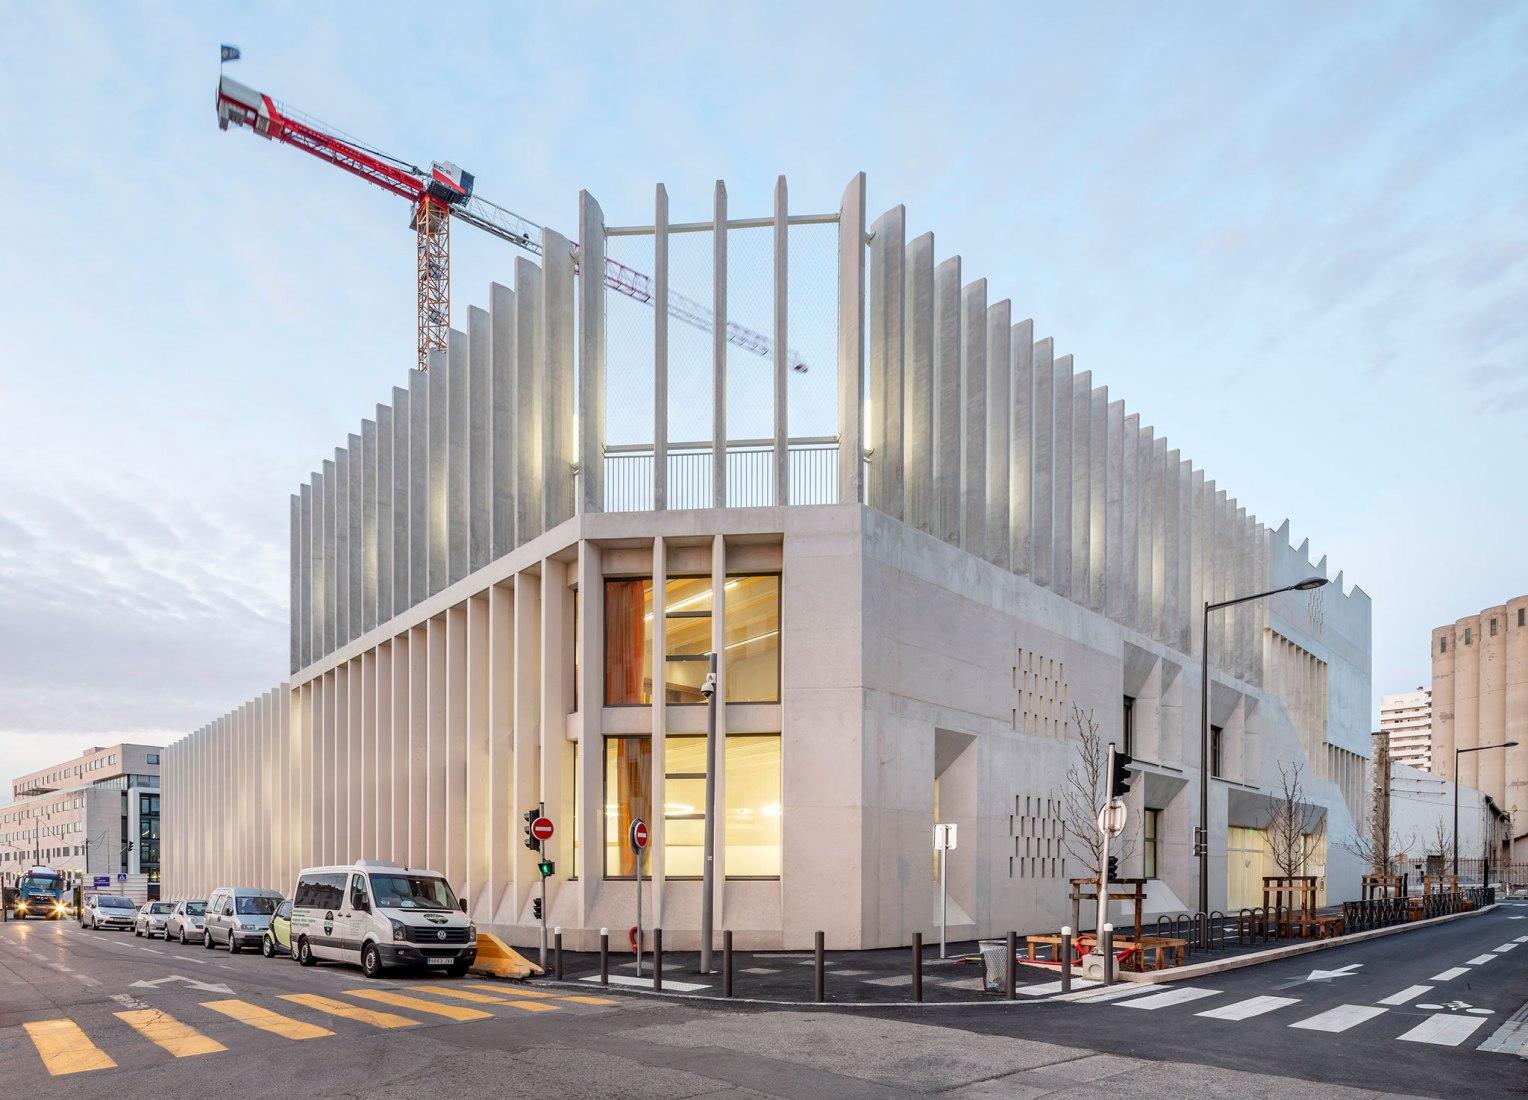 Escuela Antoine de Ruffi por Tautem Architecture y BMC2 Architectes. Fotografía por Luc Boegly